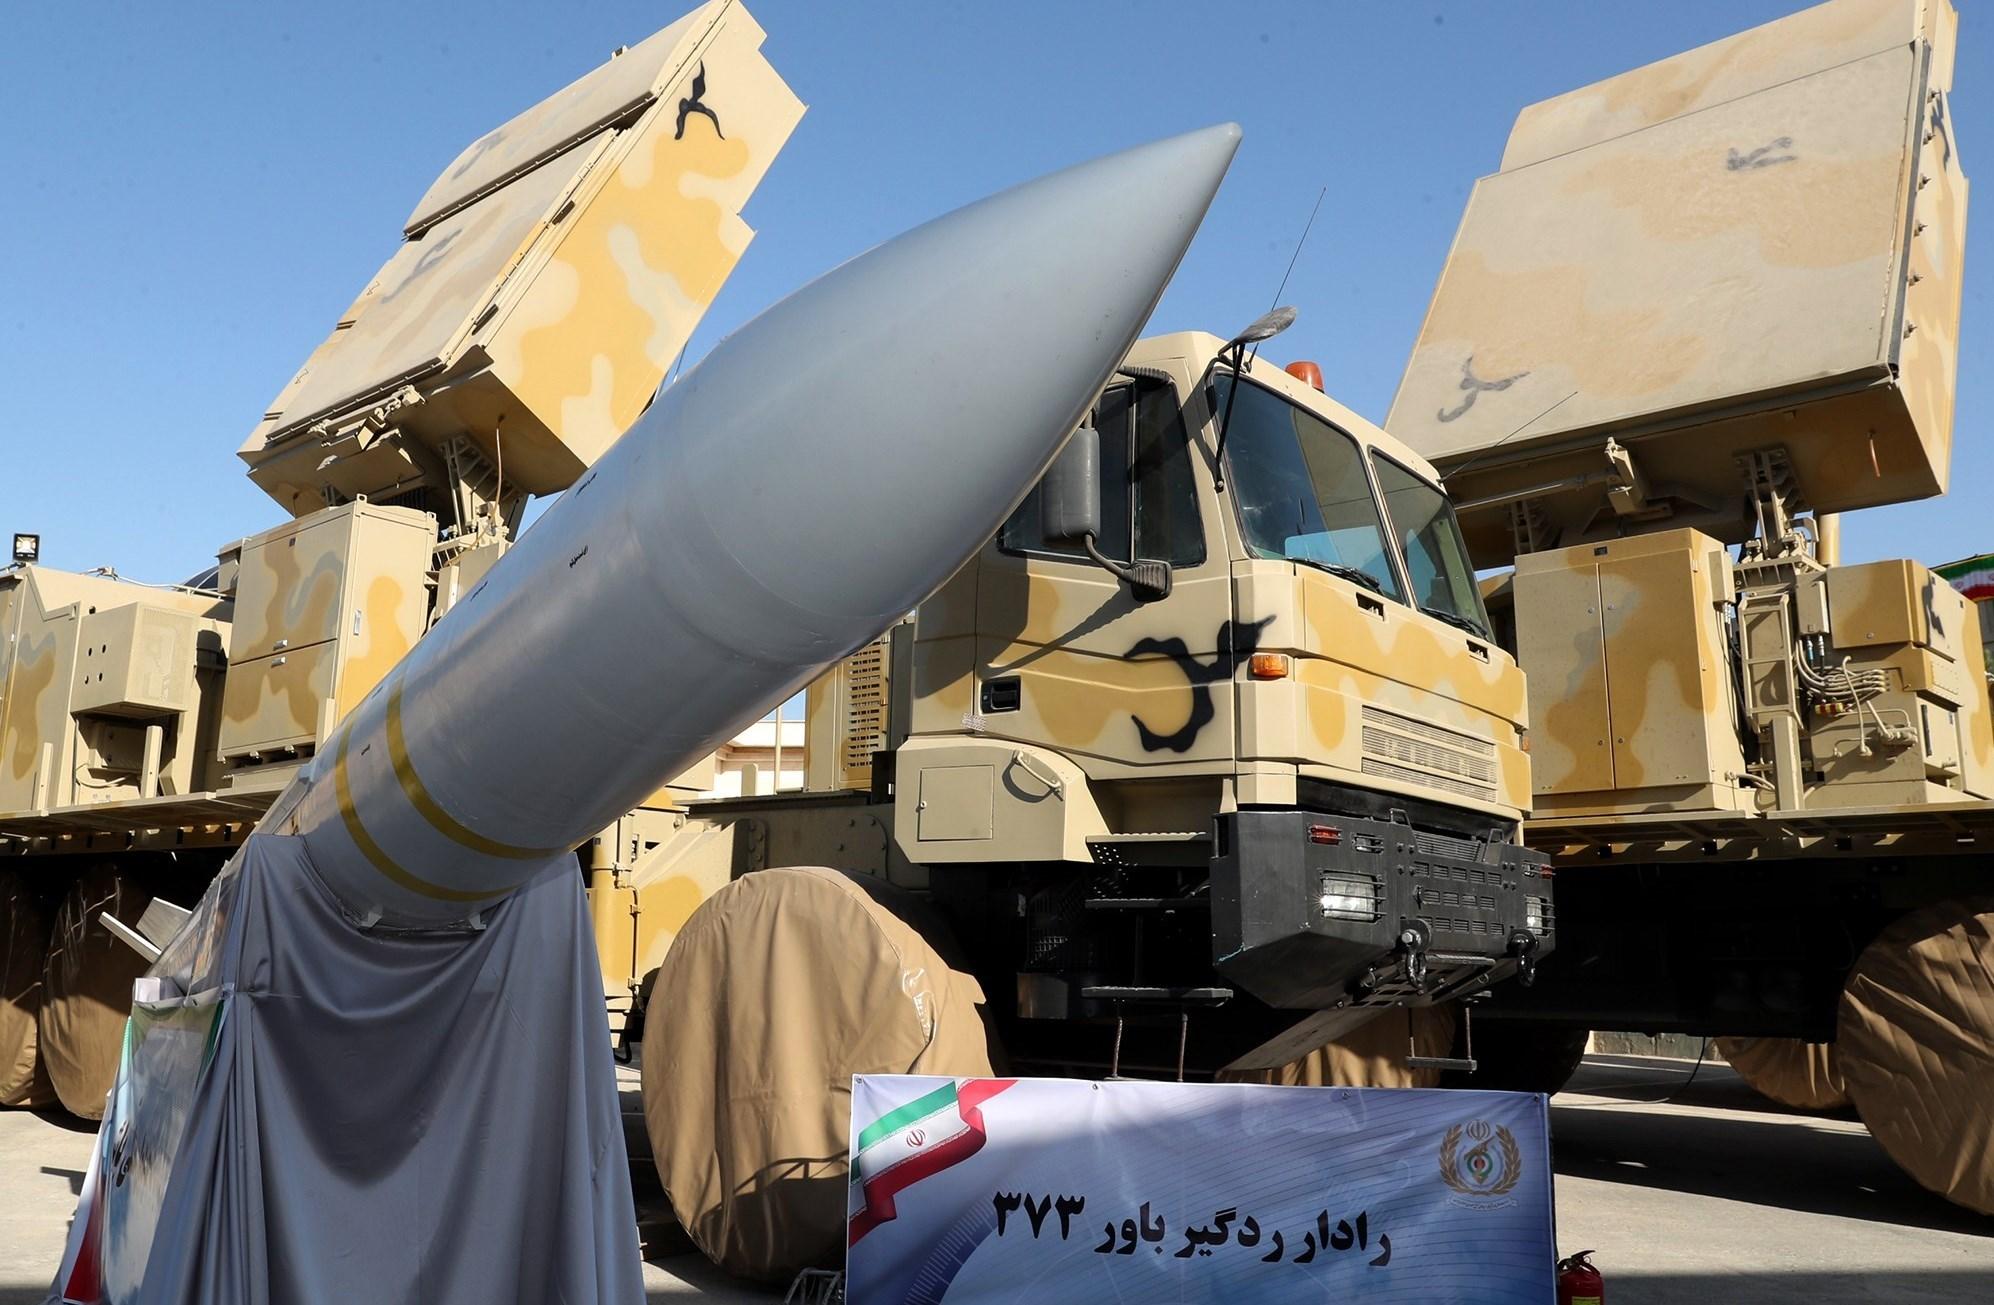 گزارش ویژه تسنیم|«باور» ایرانی به ثمر نشست/ ساخت پیچیدهترین پروژه دفاعی تاریخ ایران در کمتر از 10 سال+ویژگی ها